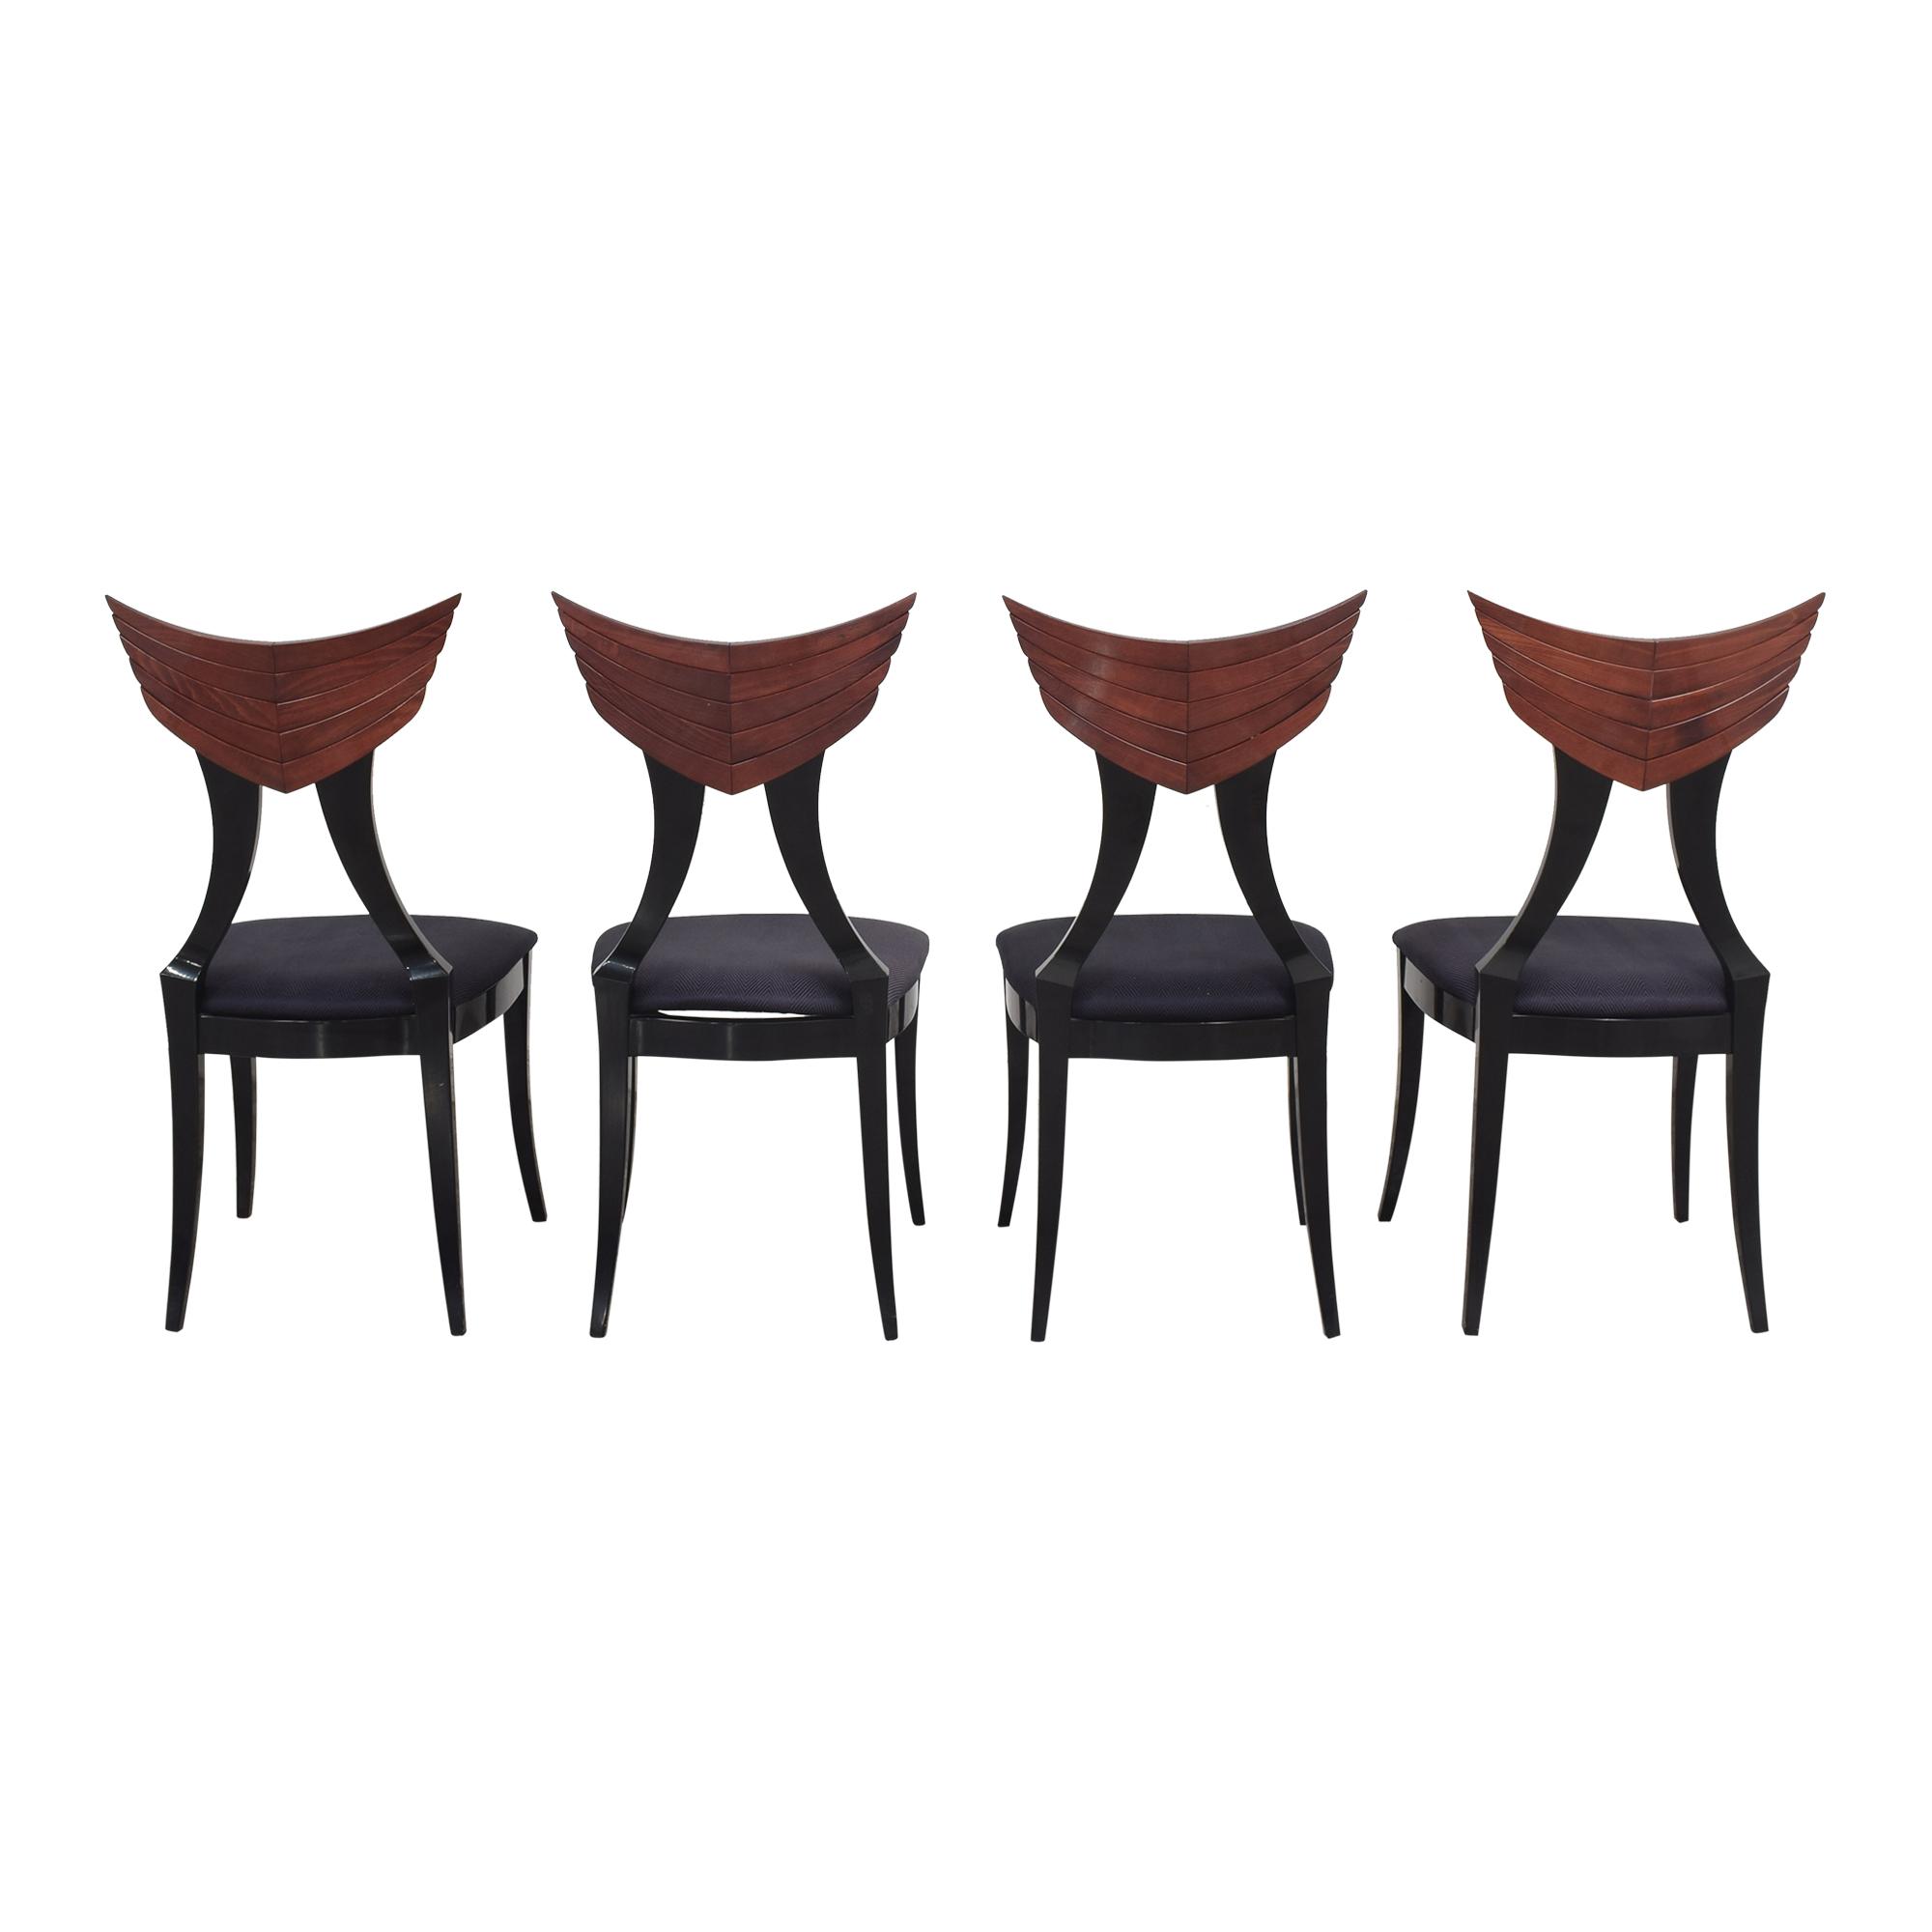 Pietro Constantini for Ello Klismos Dining Chairs Ello Furniture